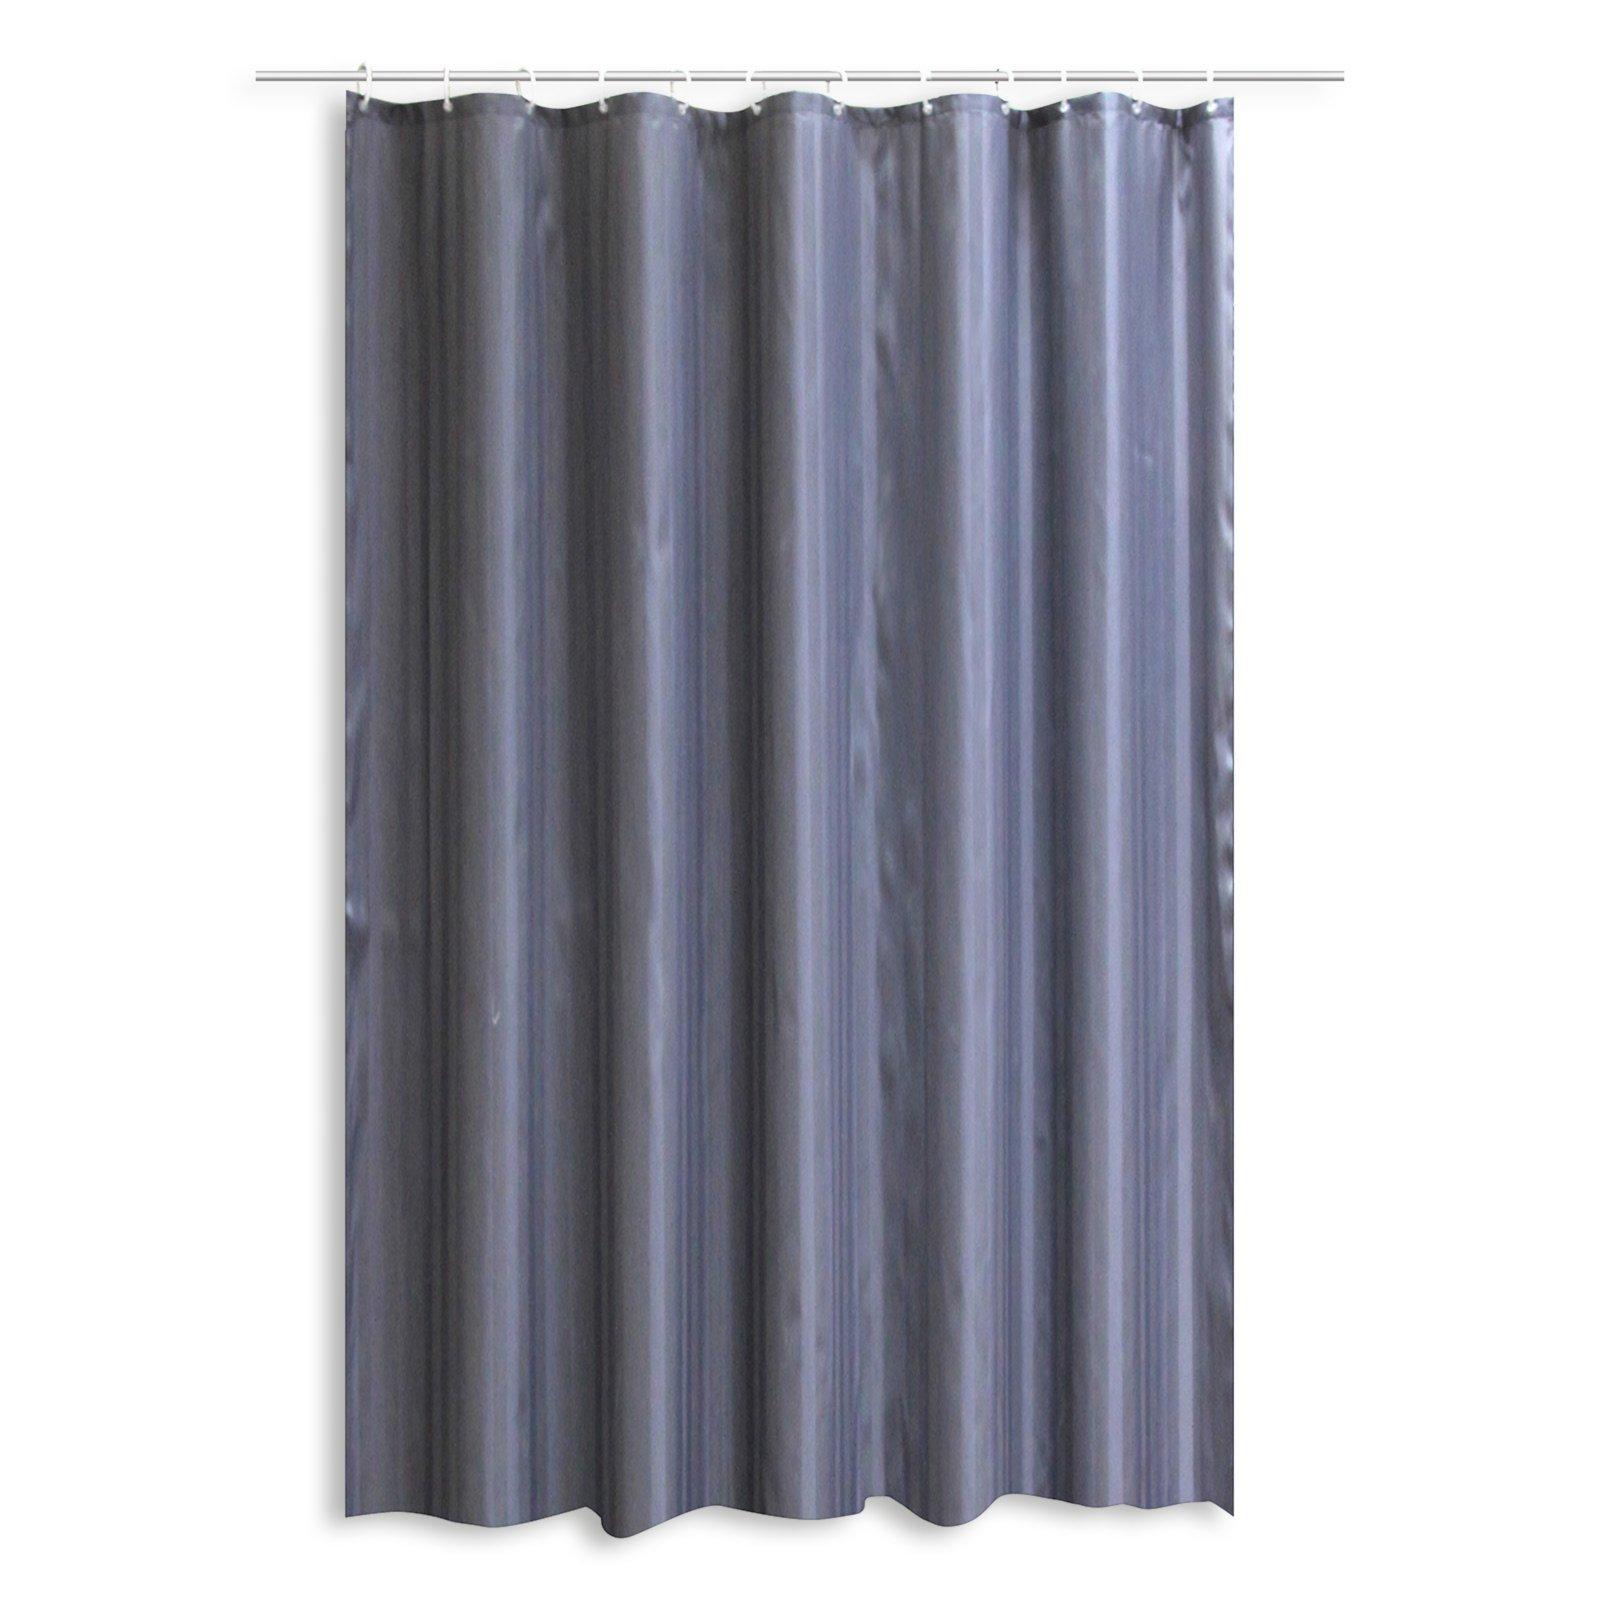 duschvorhang hilton anthrazit 180x200 cm duschvorh nge rollos badezimmer. Black Bedroom Furniture Sets. Home Design Ideas